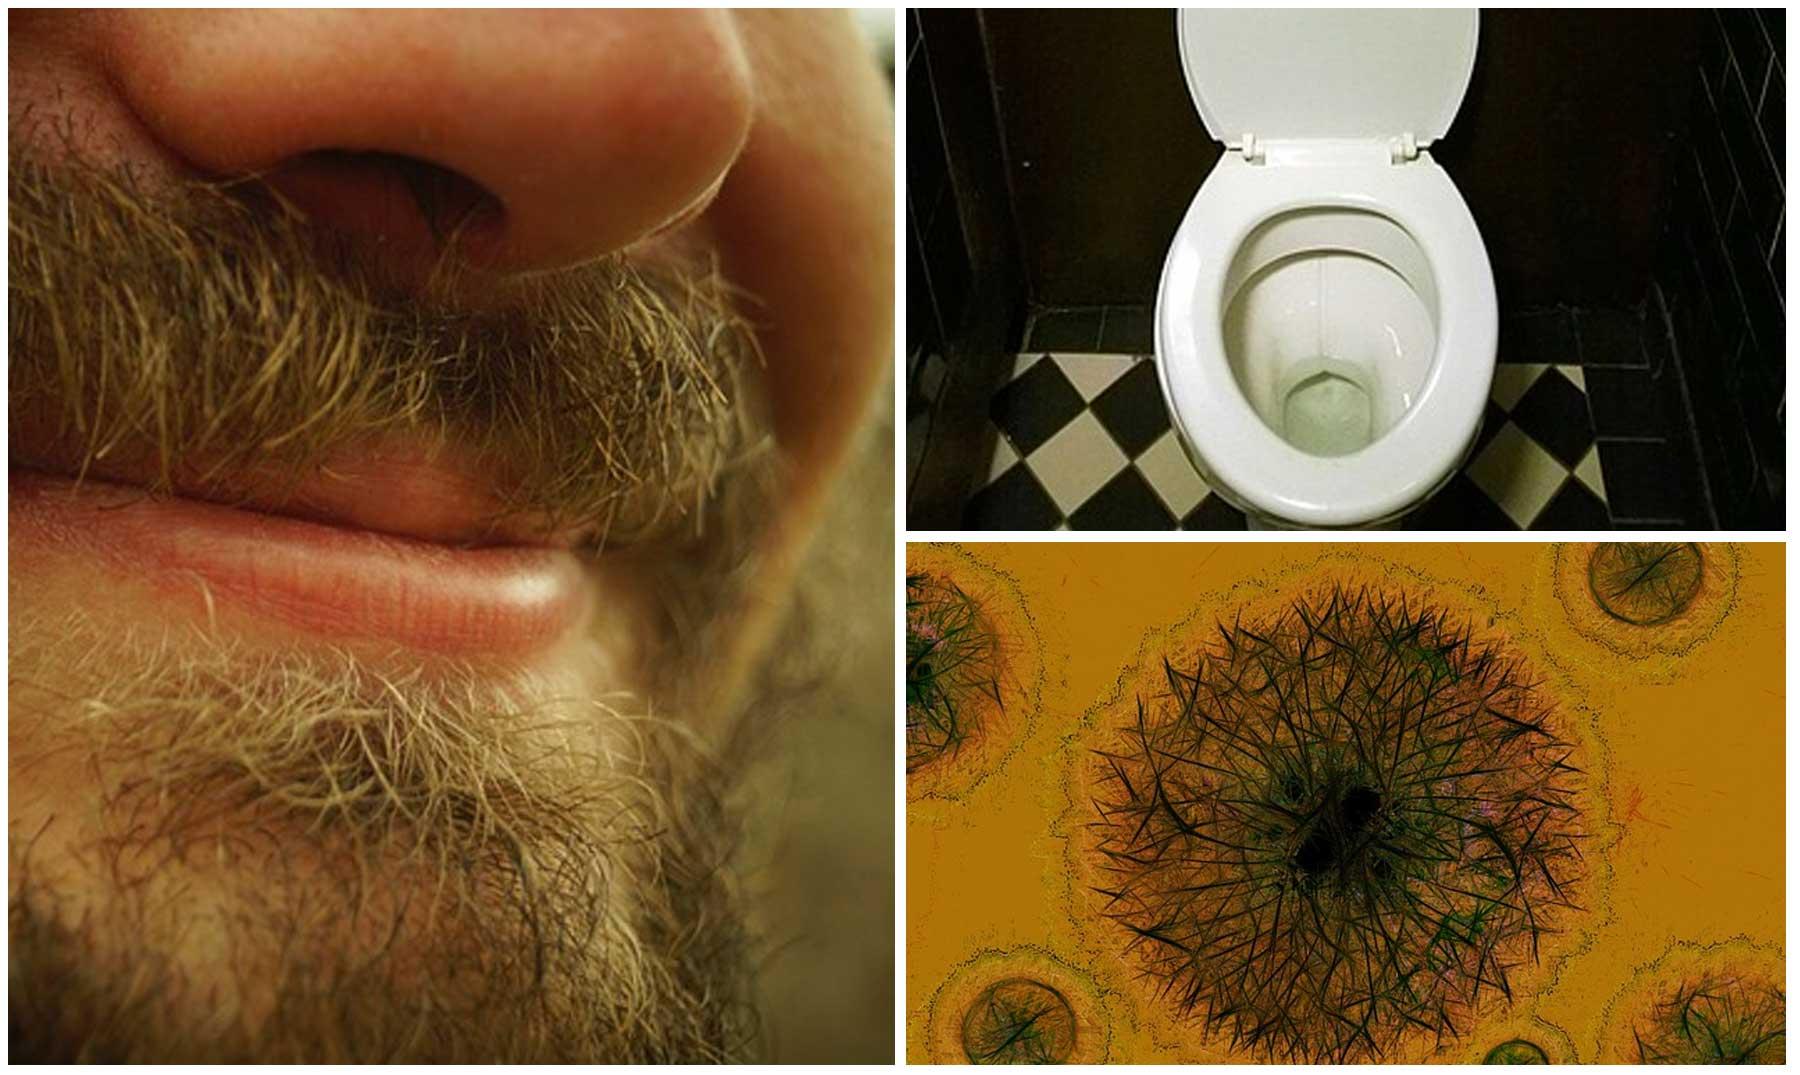 Barbas con m s g rmenes que un inodoro for Que es inodoro